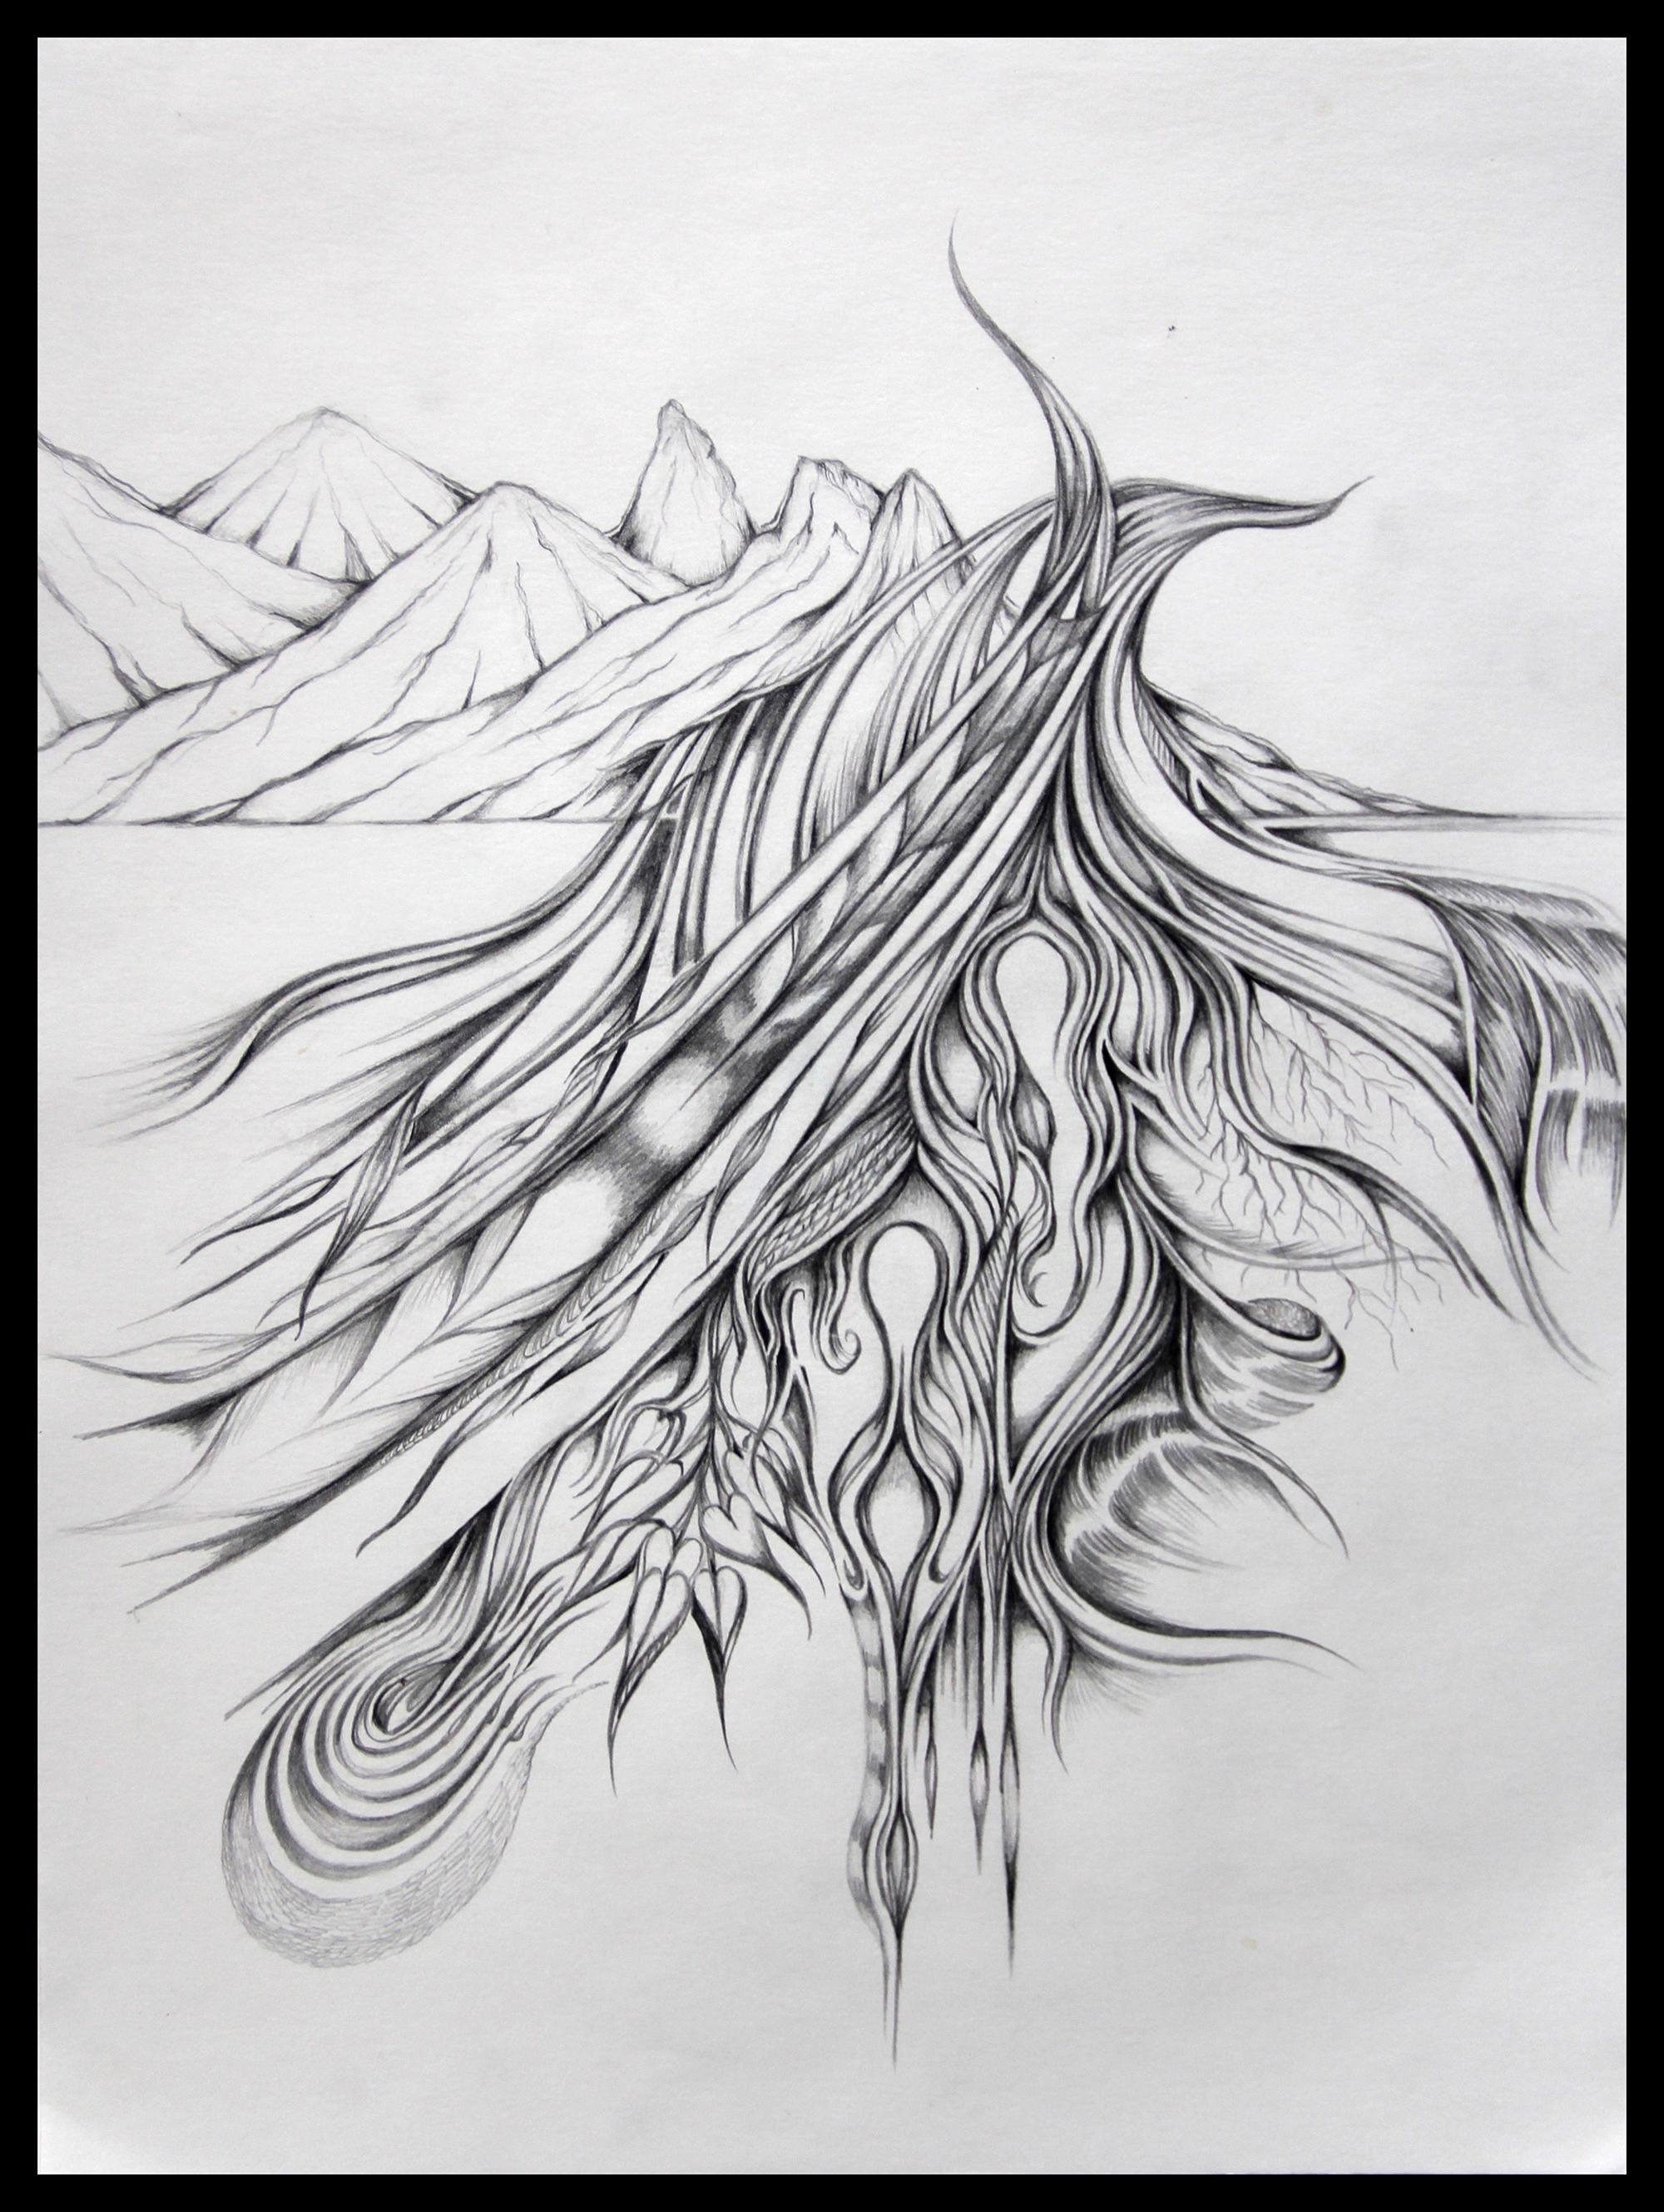 Field Sketch 2